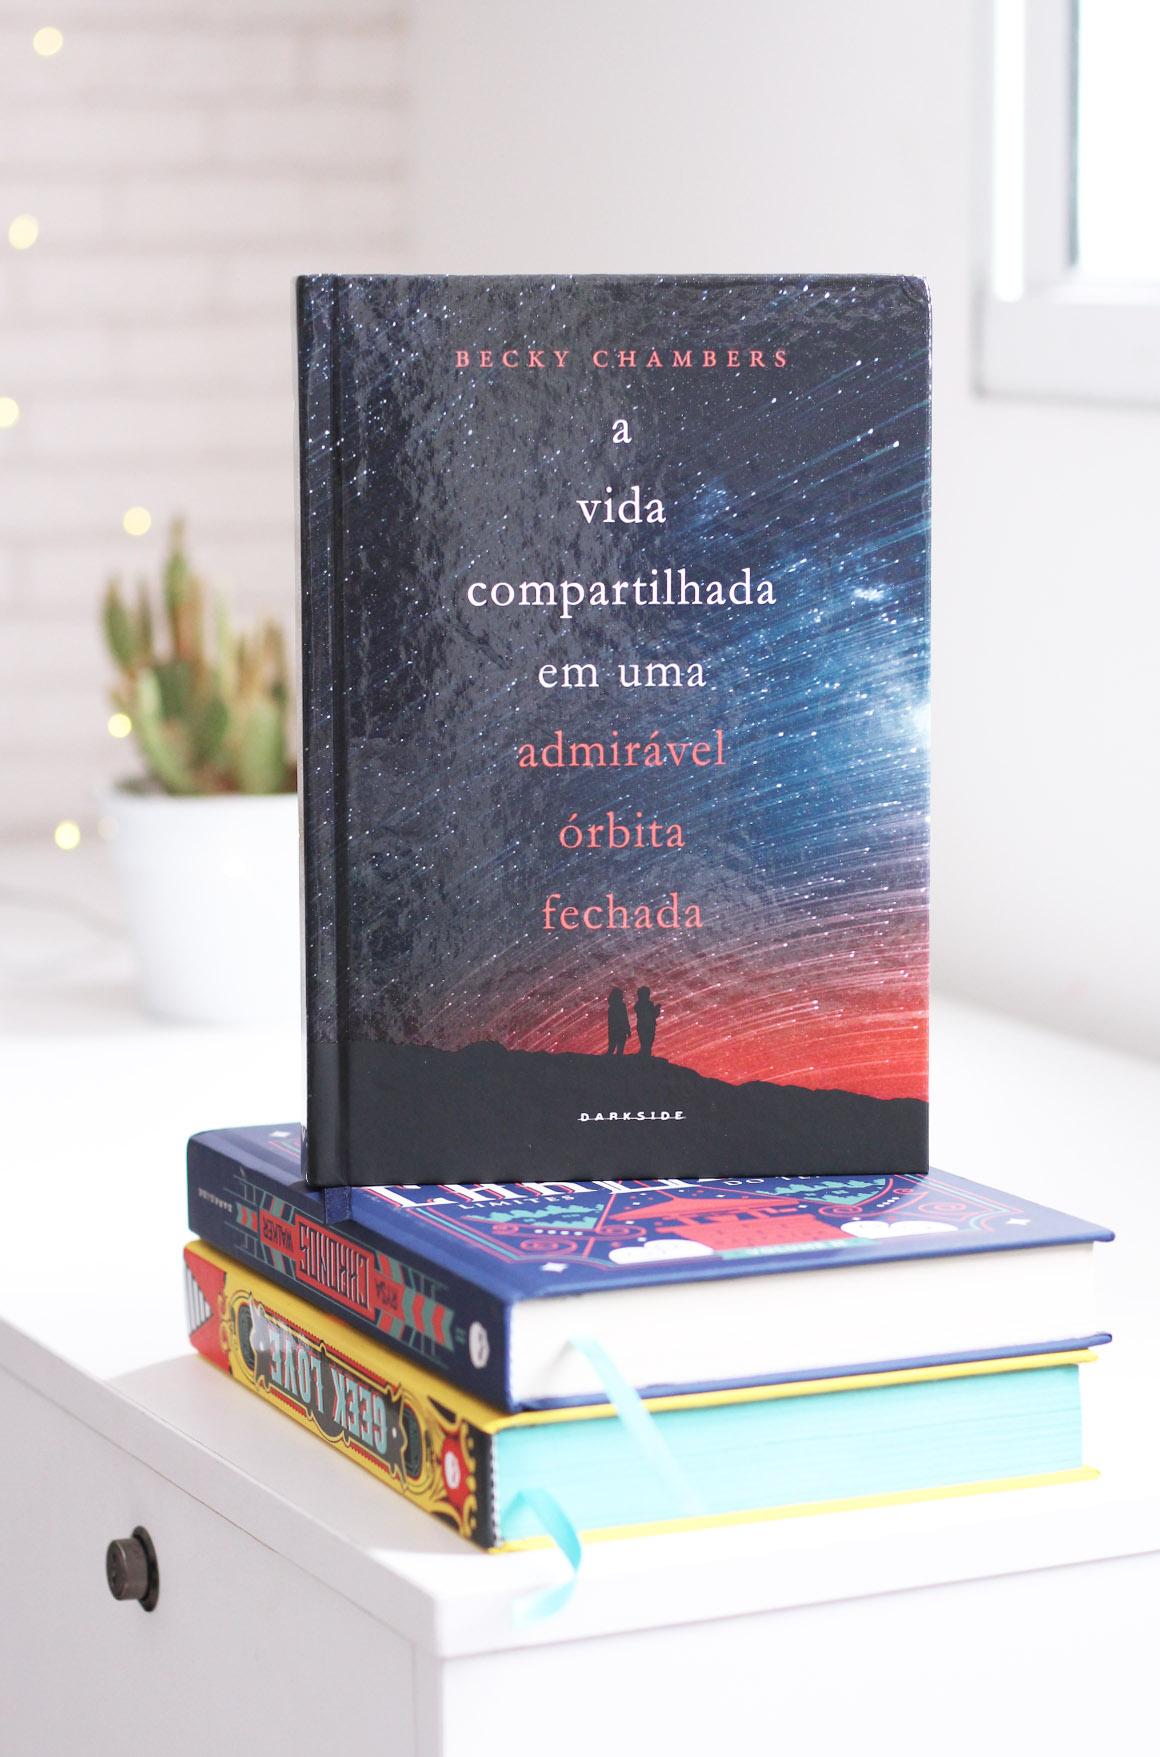 A Vida Compartilhada em uma Admiravel Orbita Fechada Darkside books